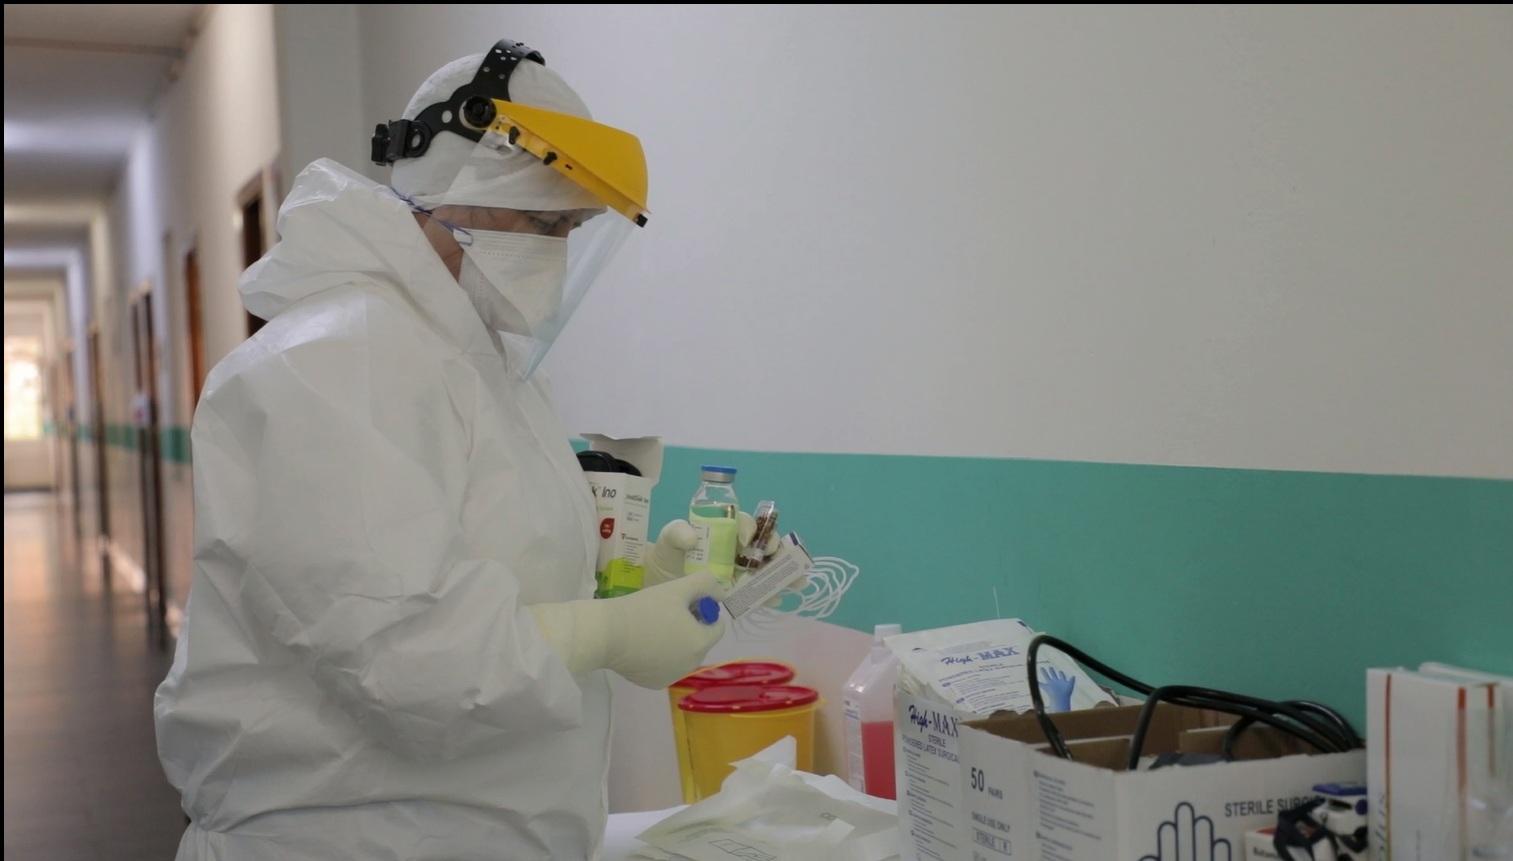 11 të infektuar, fasoneria kthehet në vatër të rrezikshme koronavirusi në Vlorë